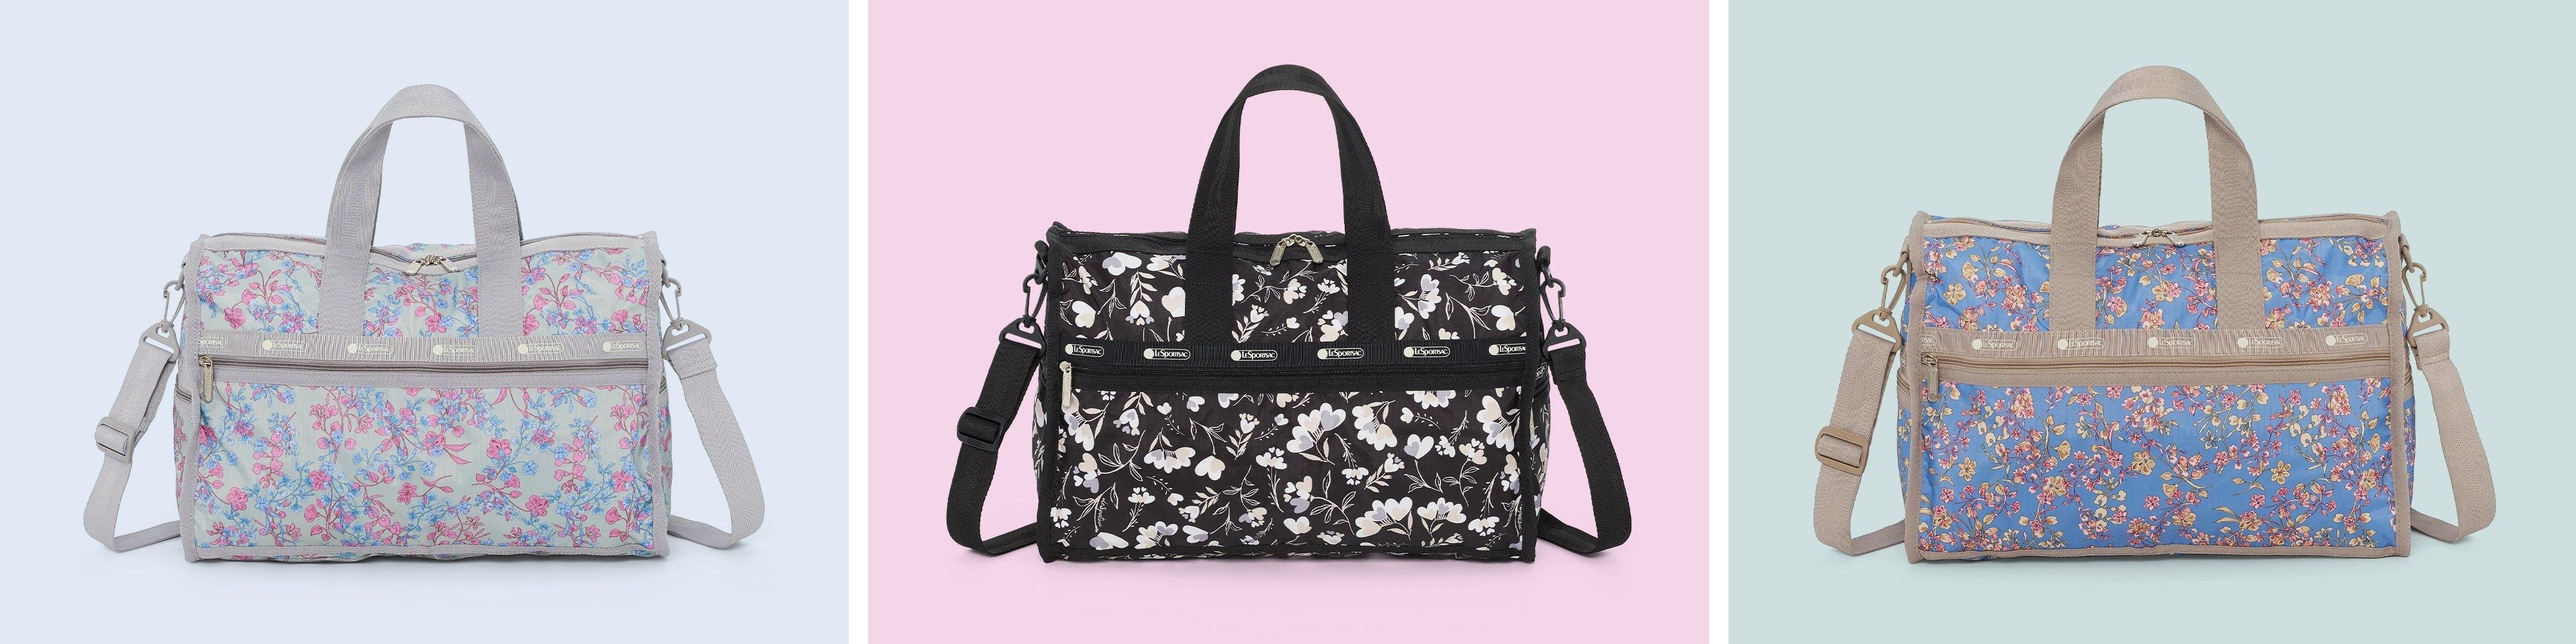 輕量尼龍旅行袋